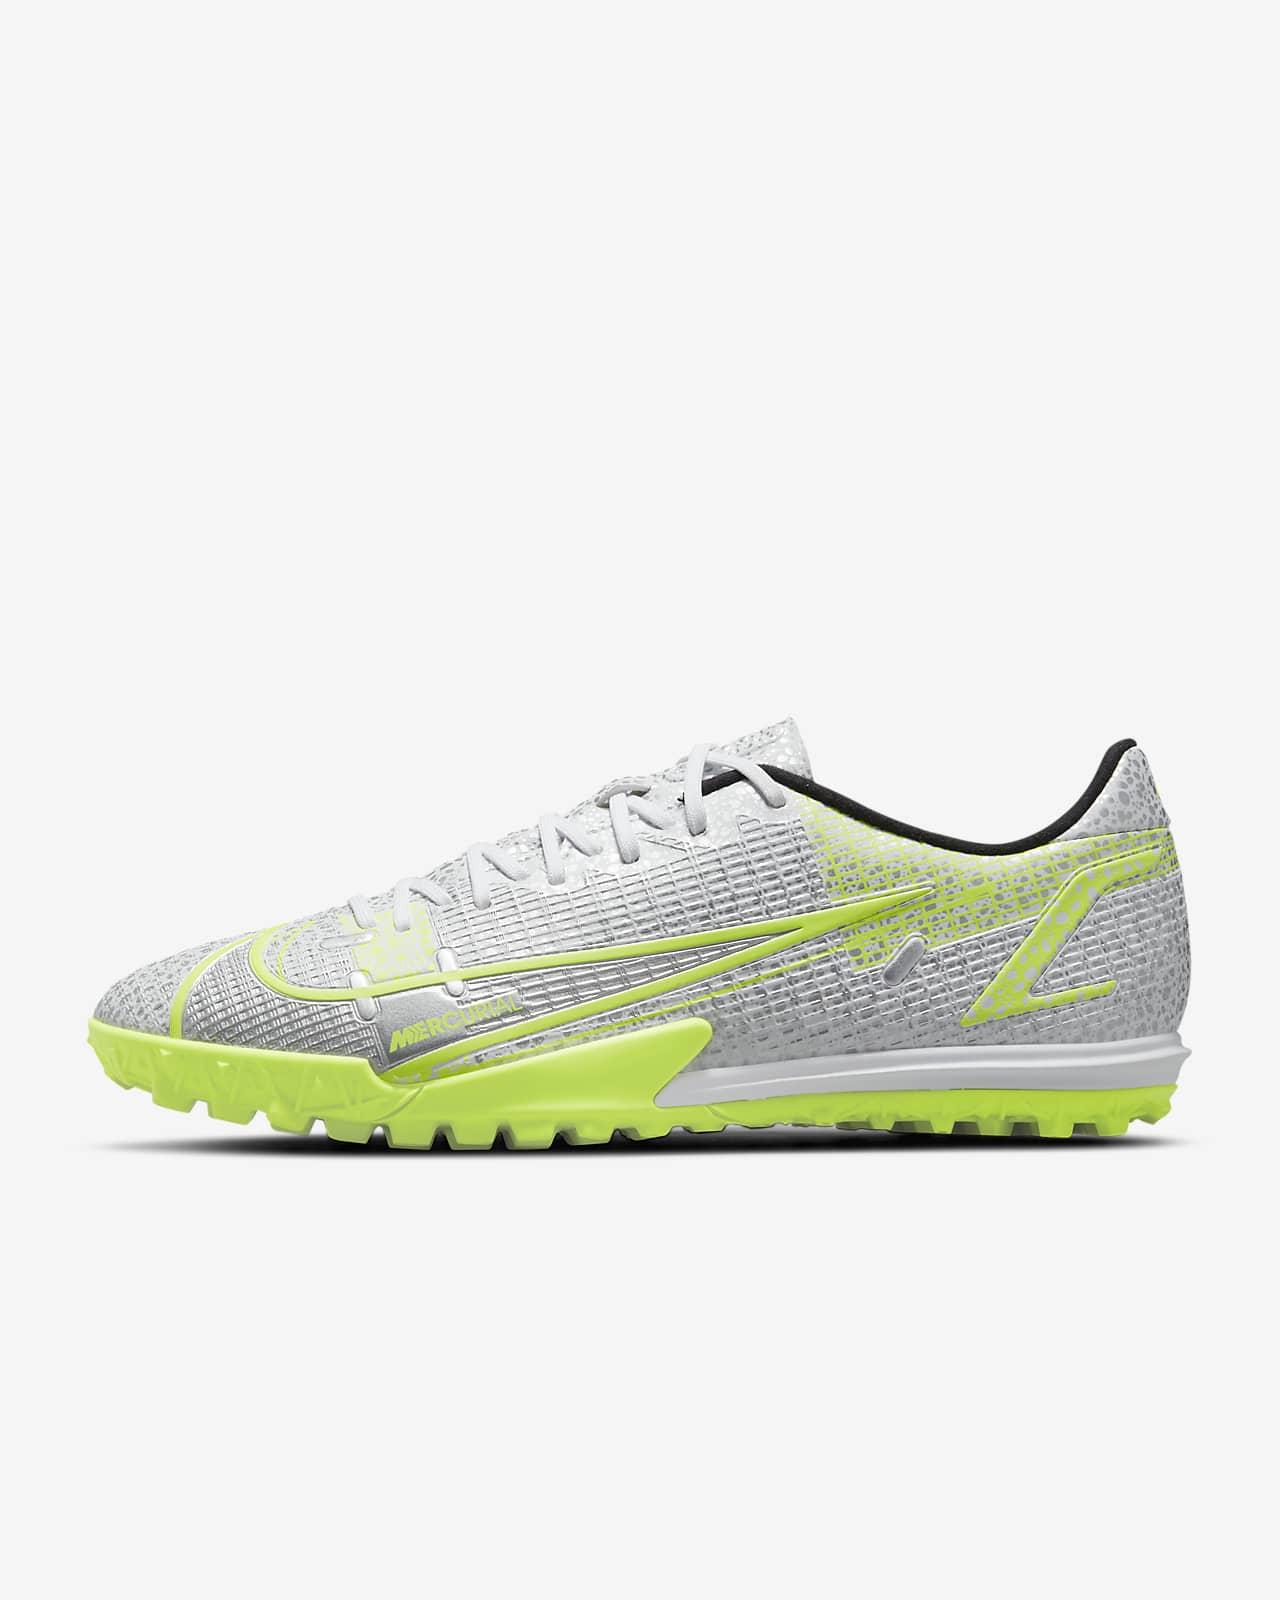 Calzado de fútbol para césped deportivo (turf) Nike Mercurial Vapor 14 Academy TF